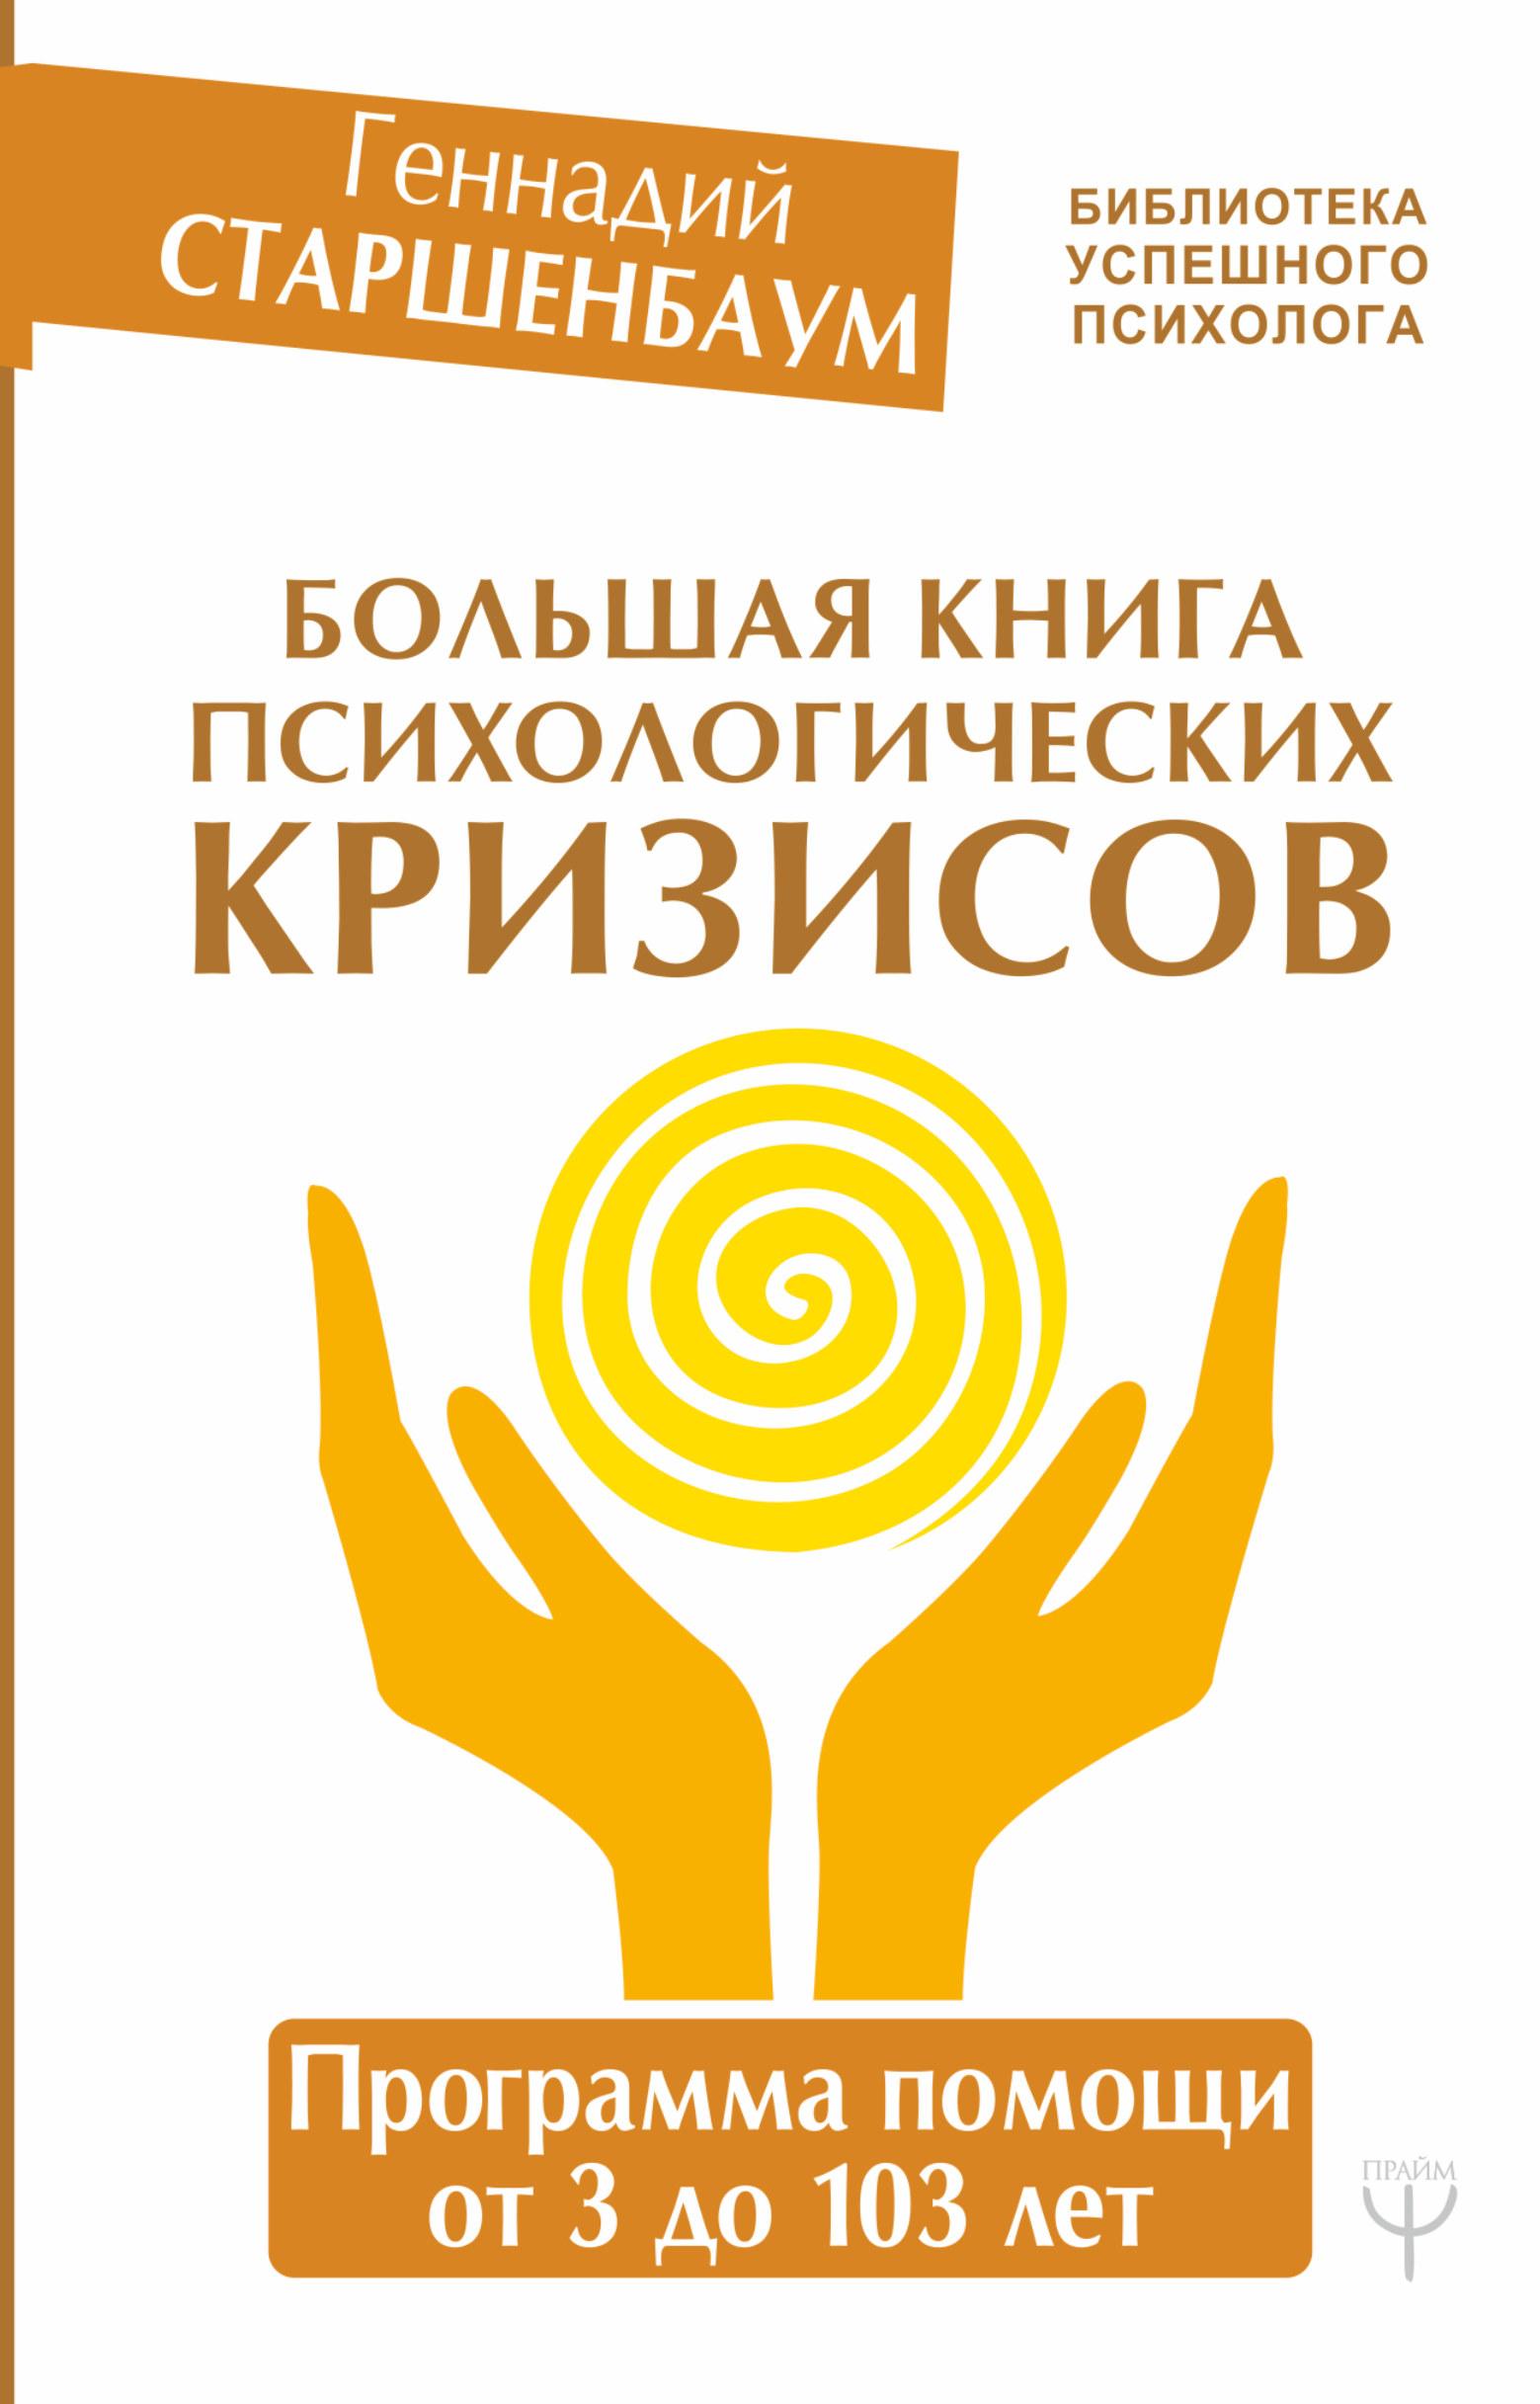 Геннадий Старшенбаум «Большая книга психологических кризисов. Программа помощи от 3 до 103 лет»